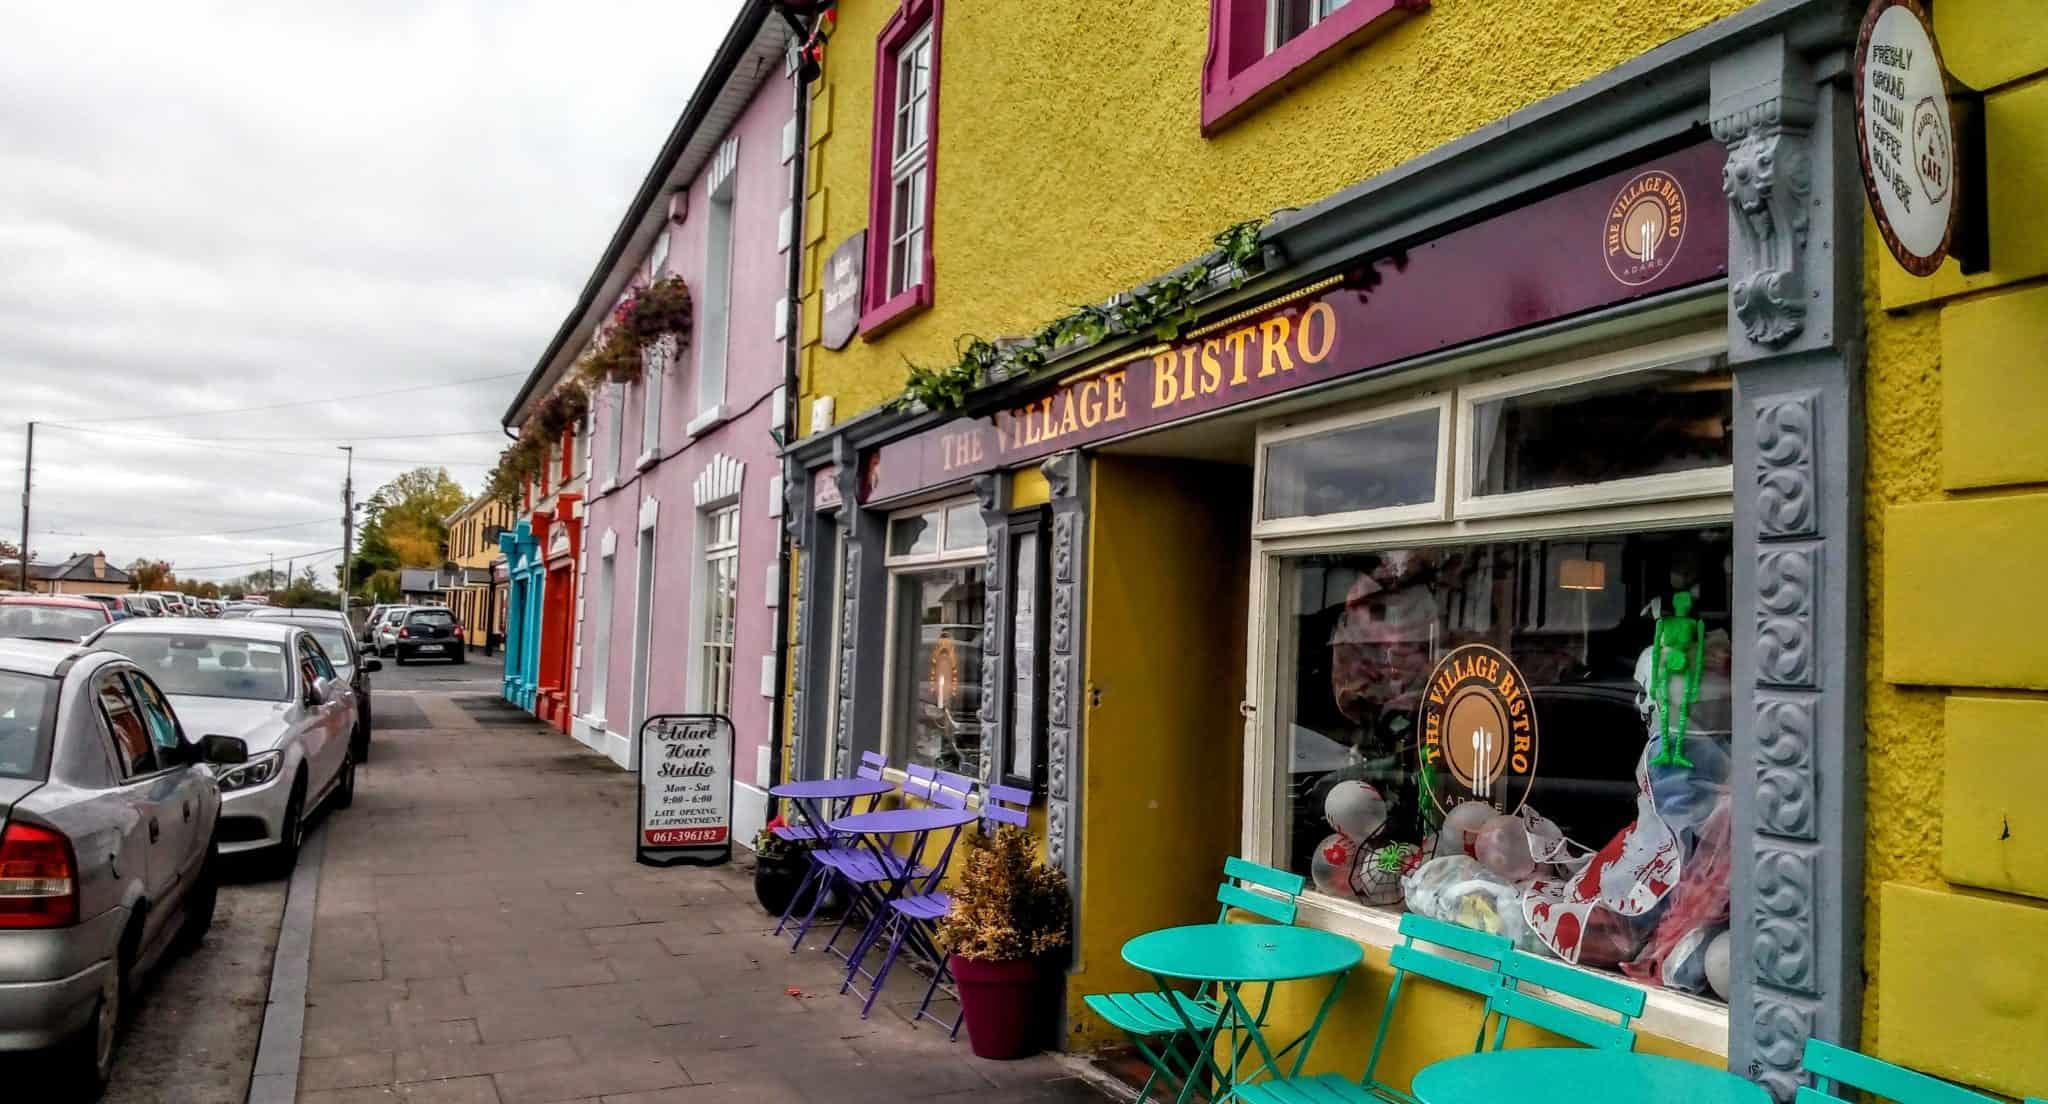 Village Bistro Ireland